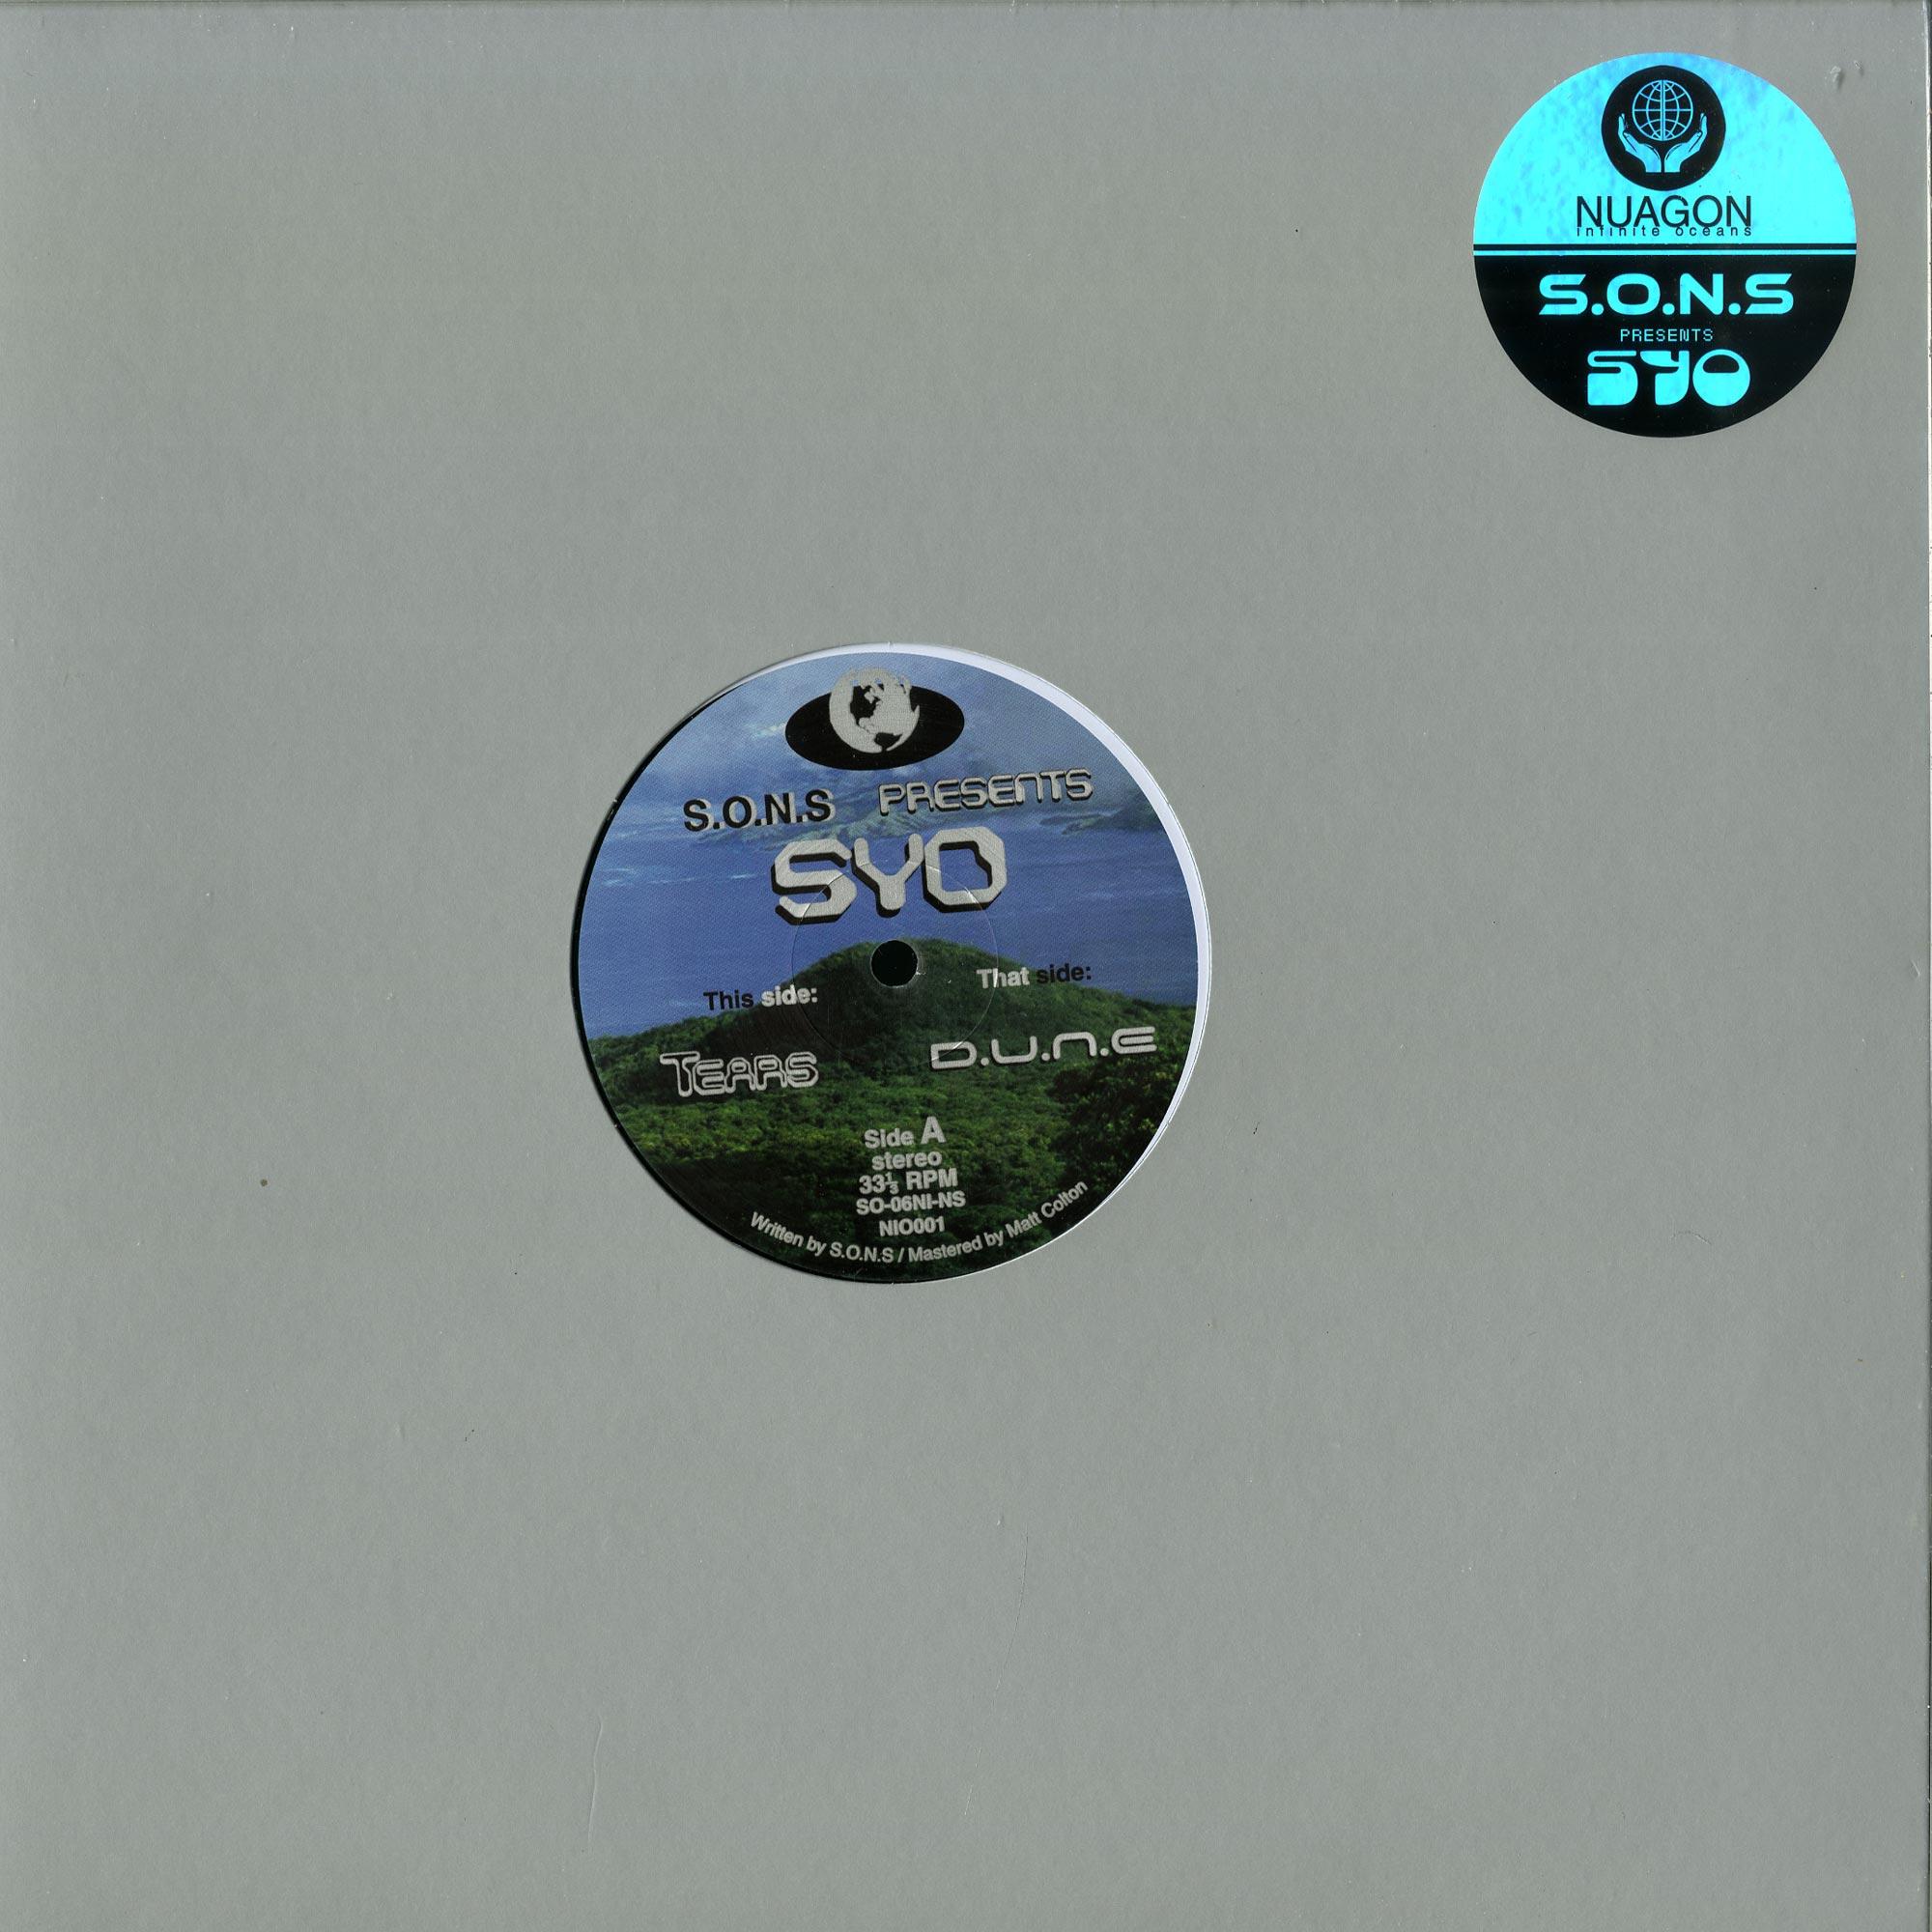 S.O.N.S presents SYO - TEARS / D.U.N.E